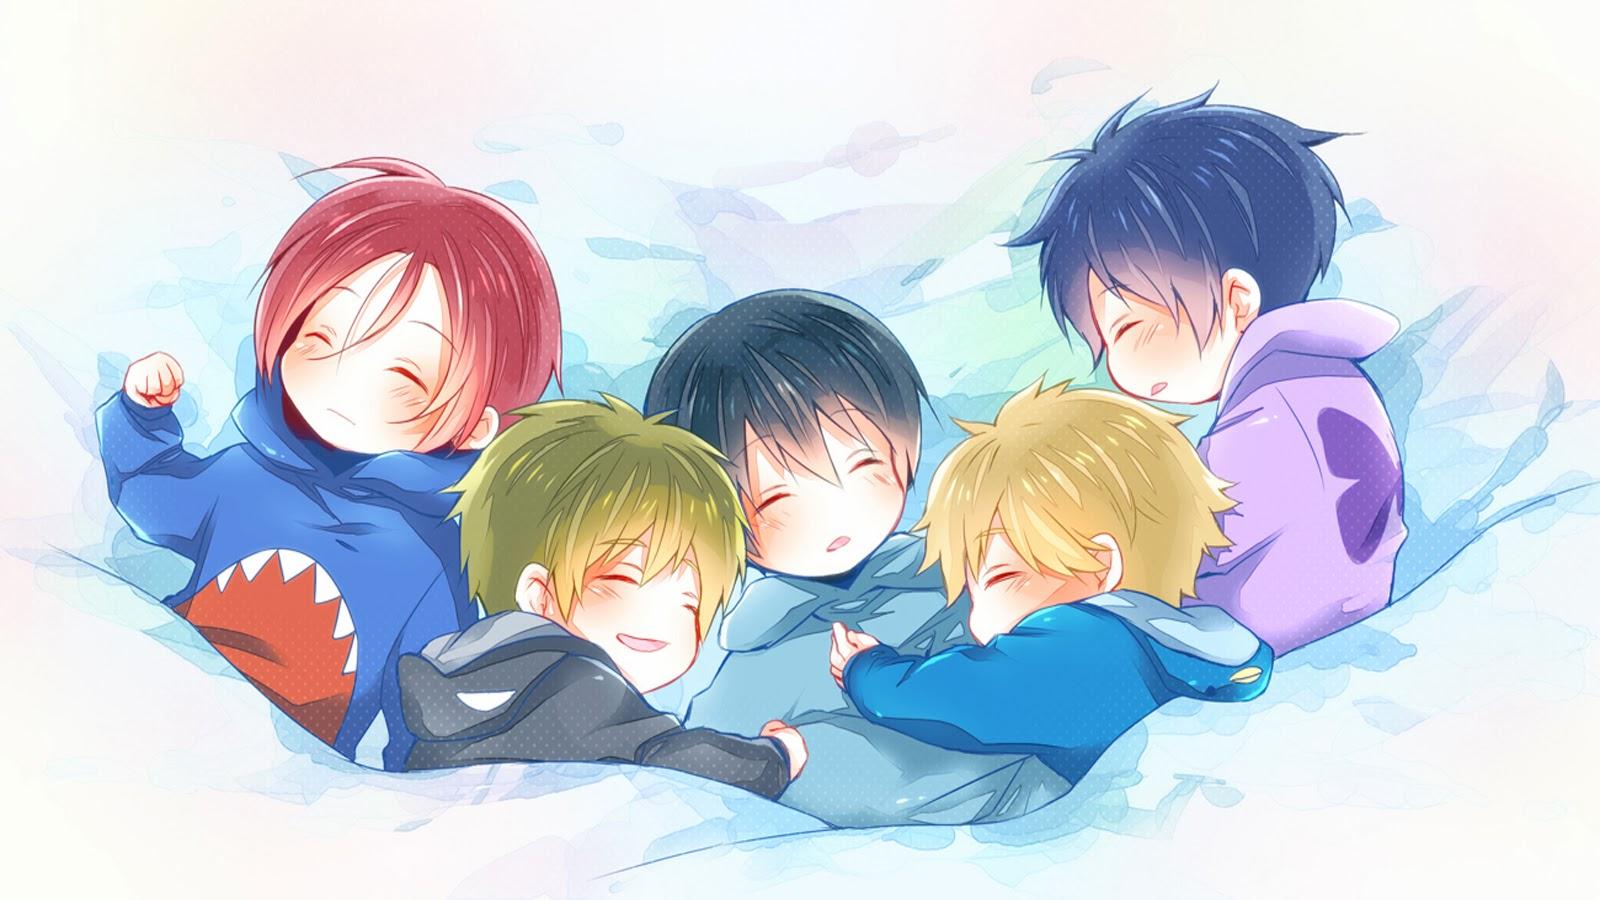 Anime Chibi Boys a438 HD Wallpaper 1600x900